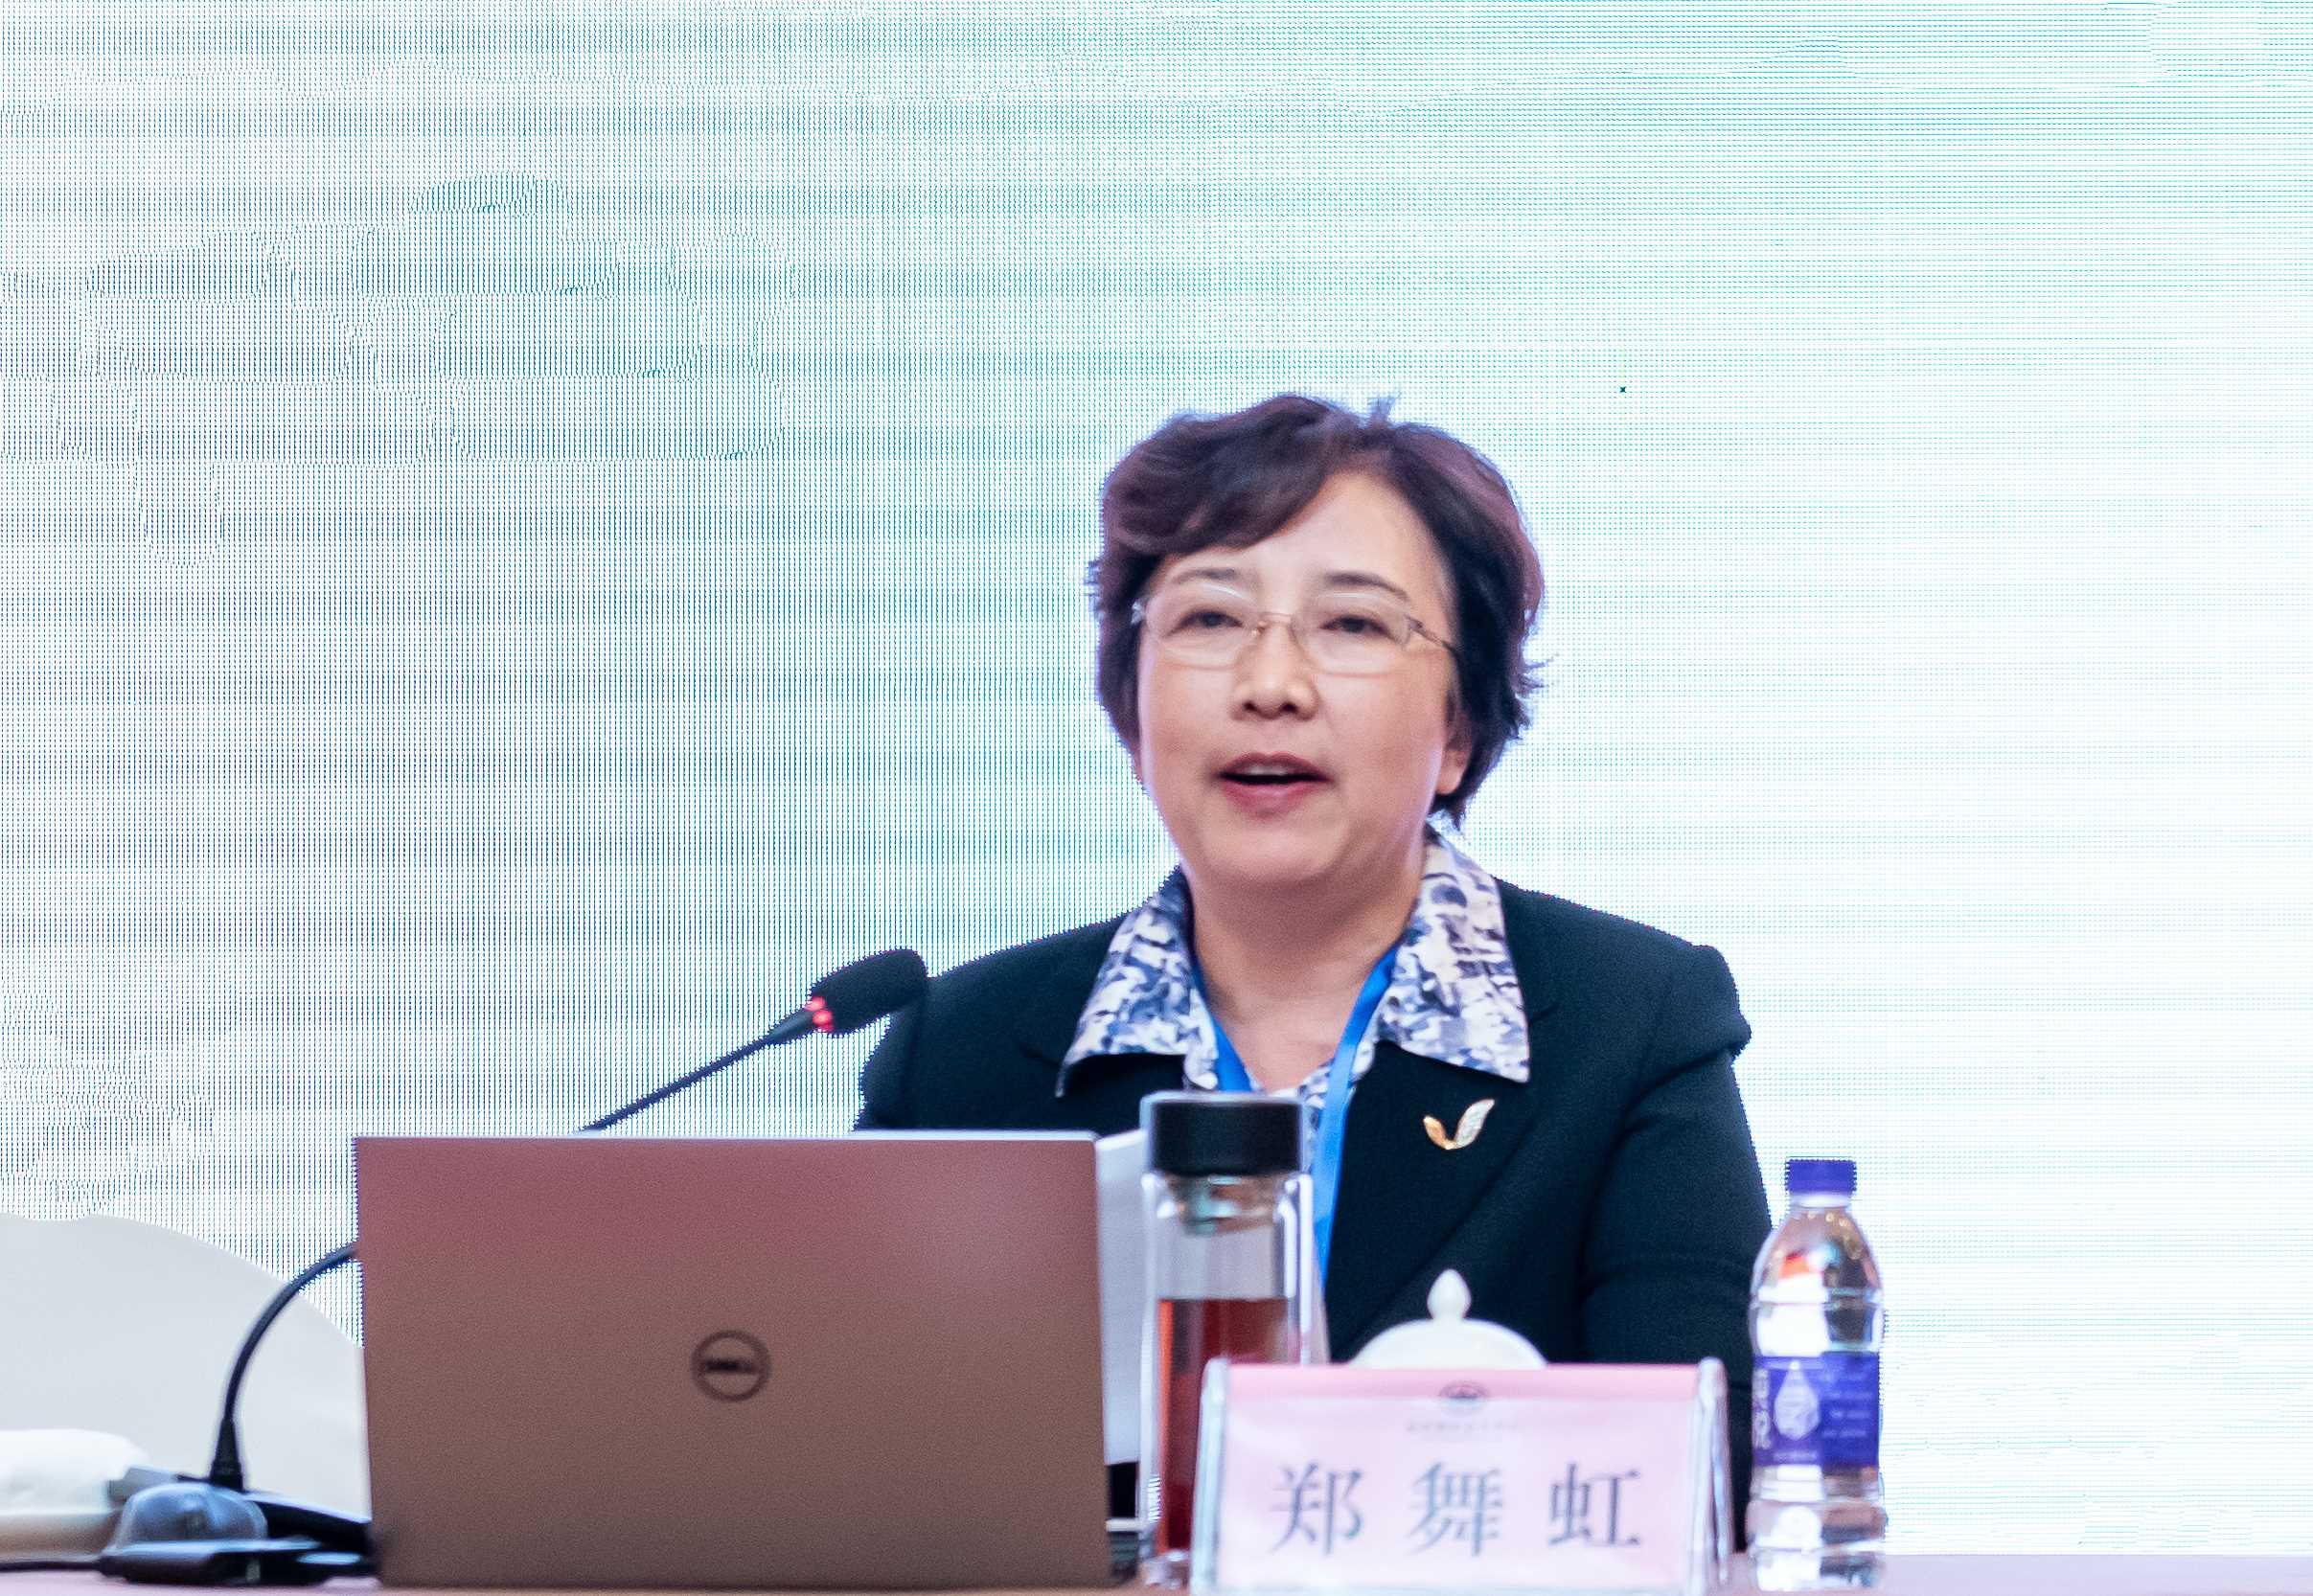 鄭舞虹當選中國日用玻璃協會理事長